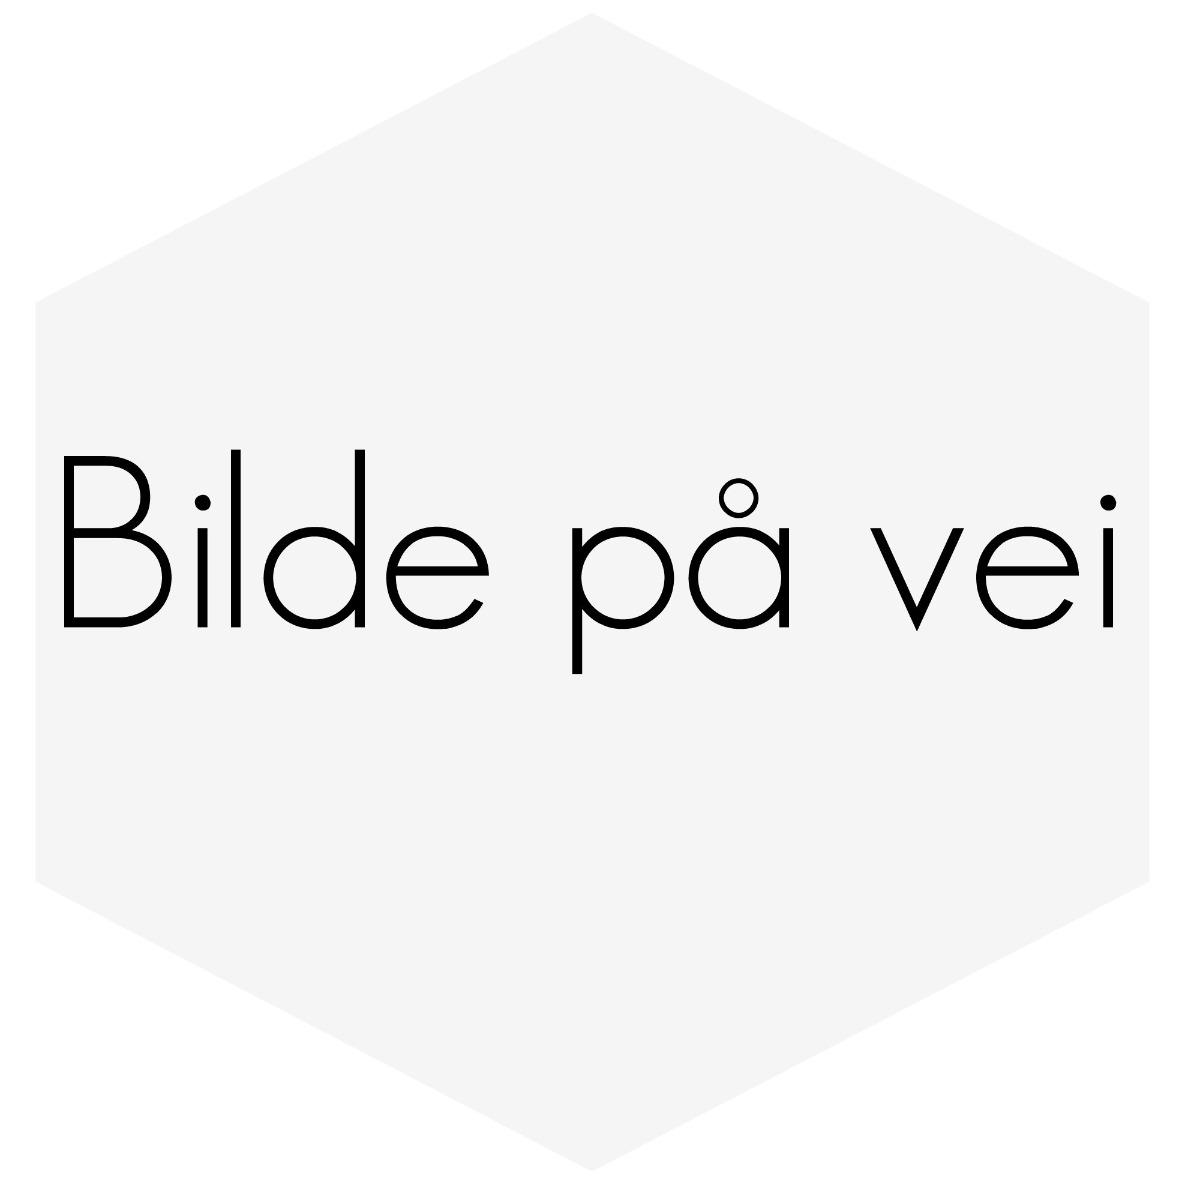 FORING PÅ STABSTAG ENDE 2/7/900 1205991